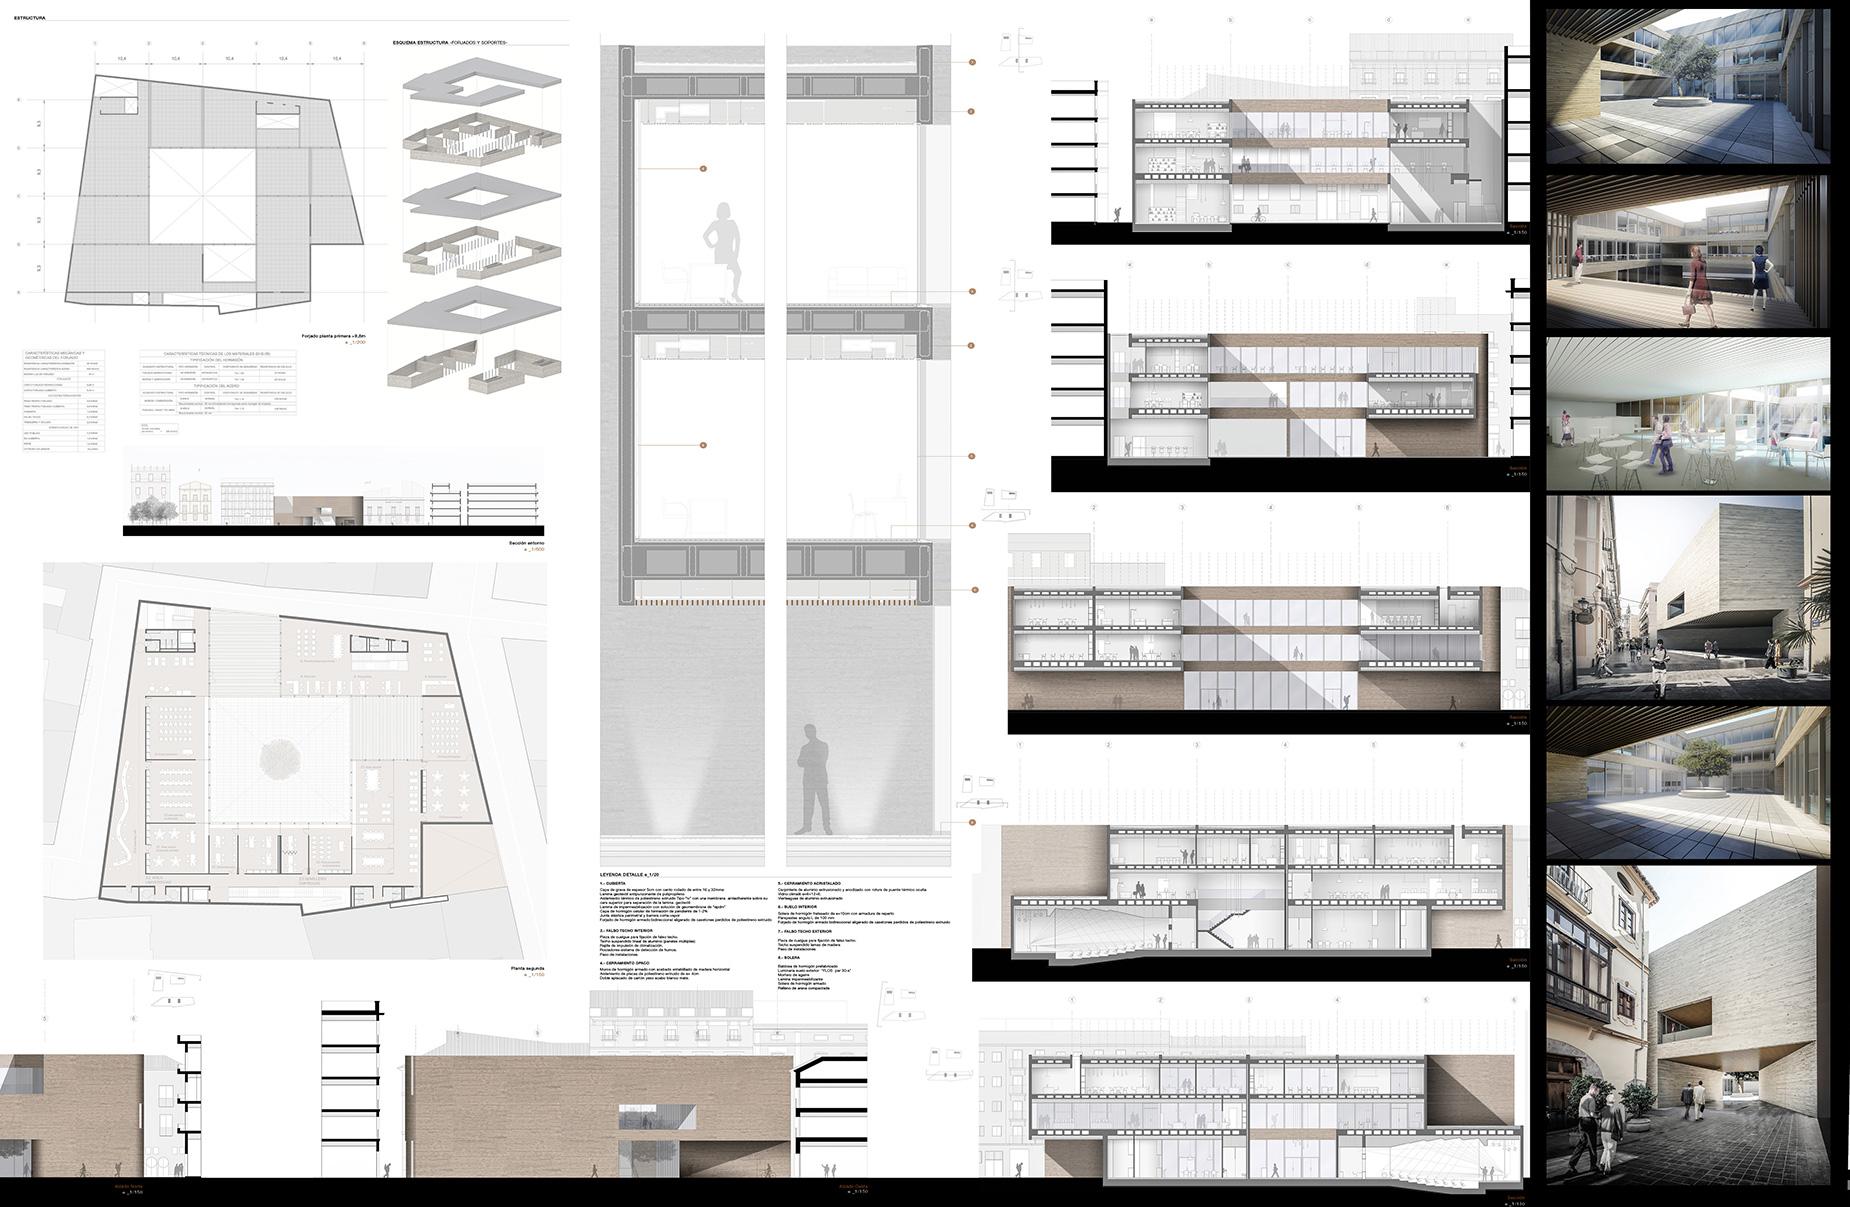 Biblioteca y centro de conocimiento en valencia - Trabajo arquitecto valencia ...